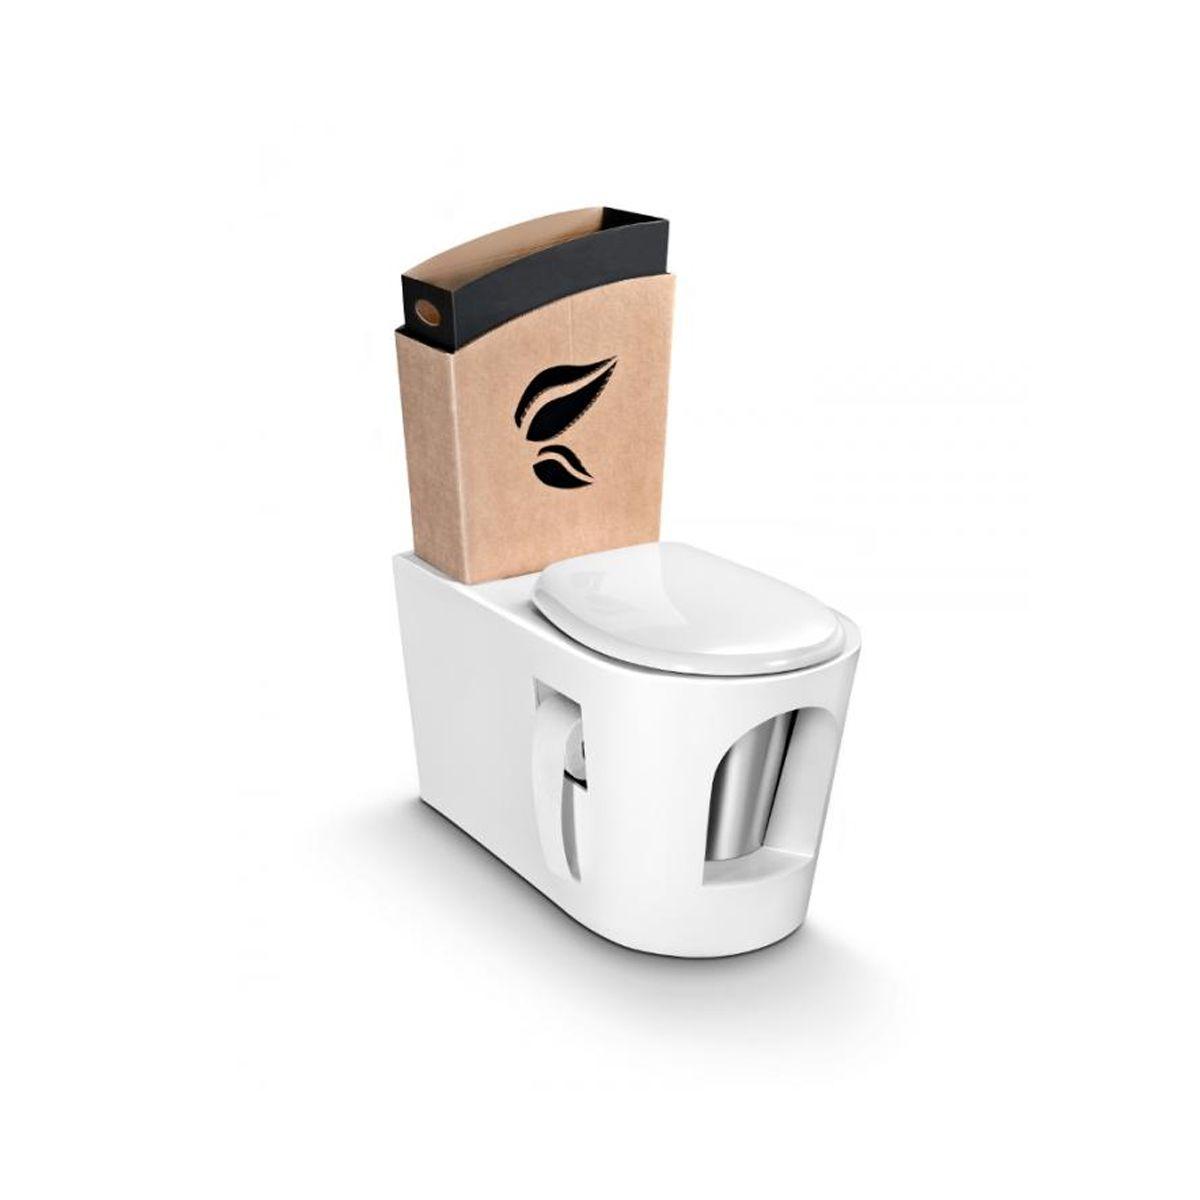 Toilettes Sèches En Appartement toilette sèche en bois blanc | kenzaï matériaux Écologiques